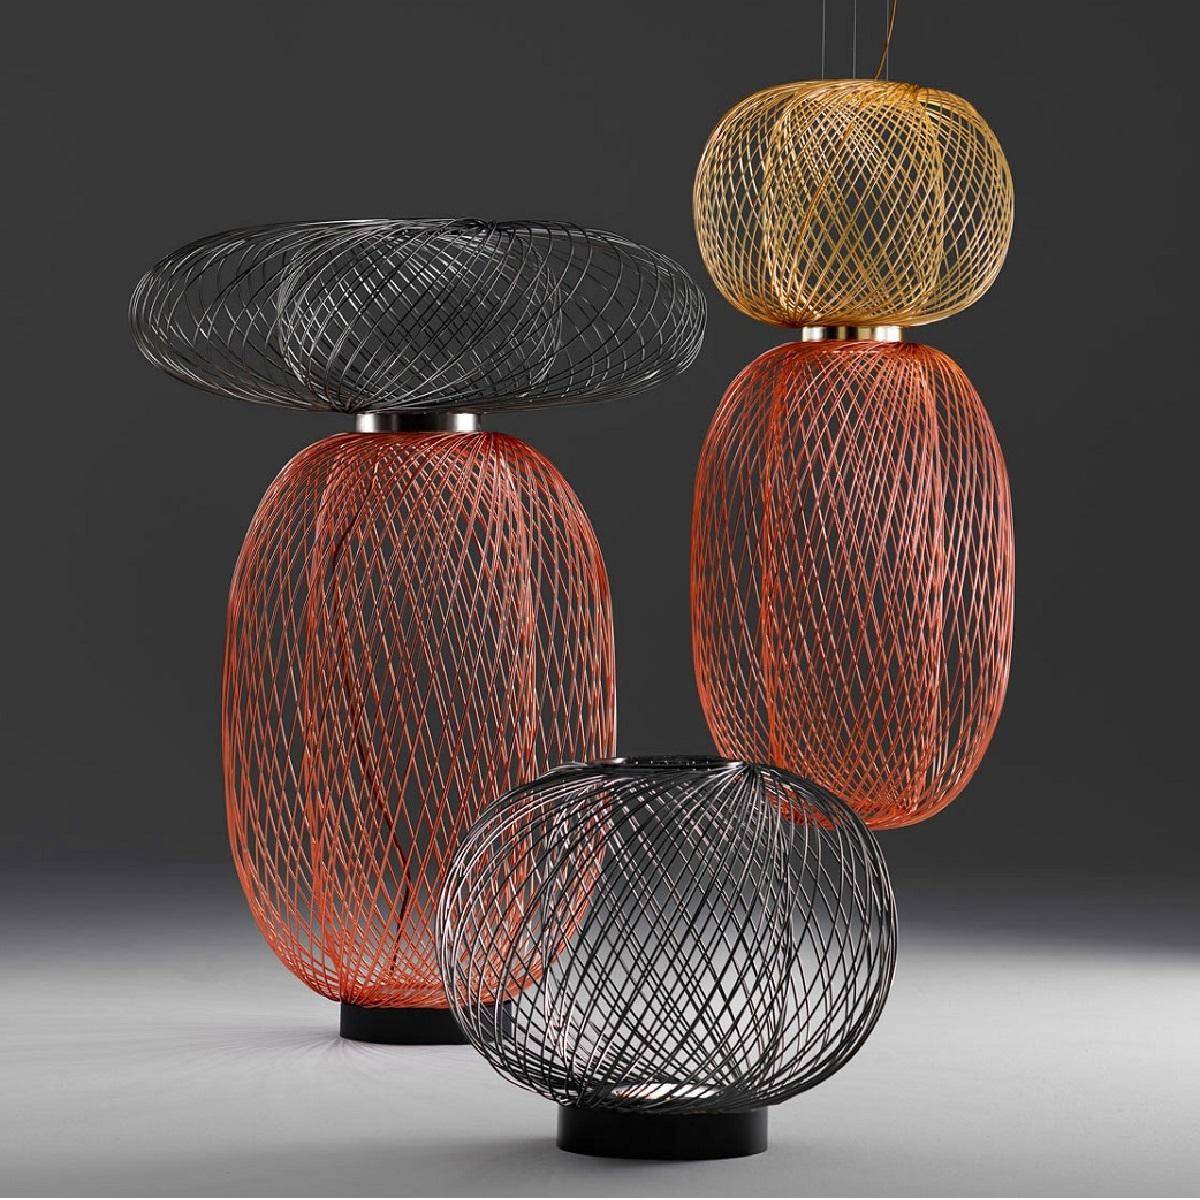 Anwar kolekcja lamp Stephena Burksa dla firmy Parachilna